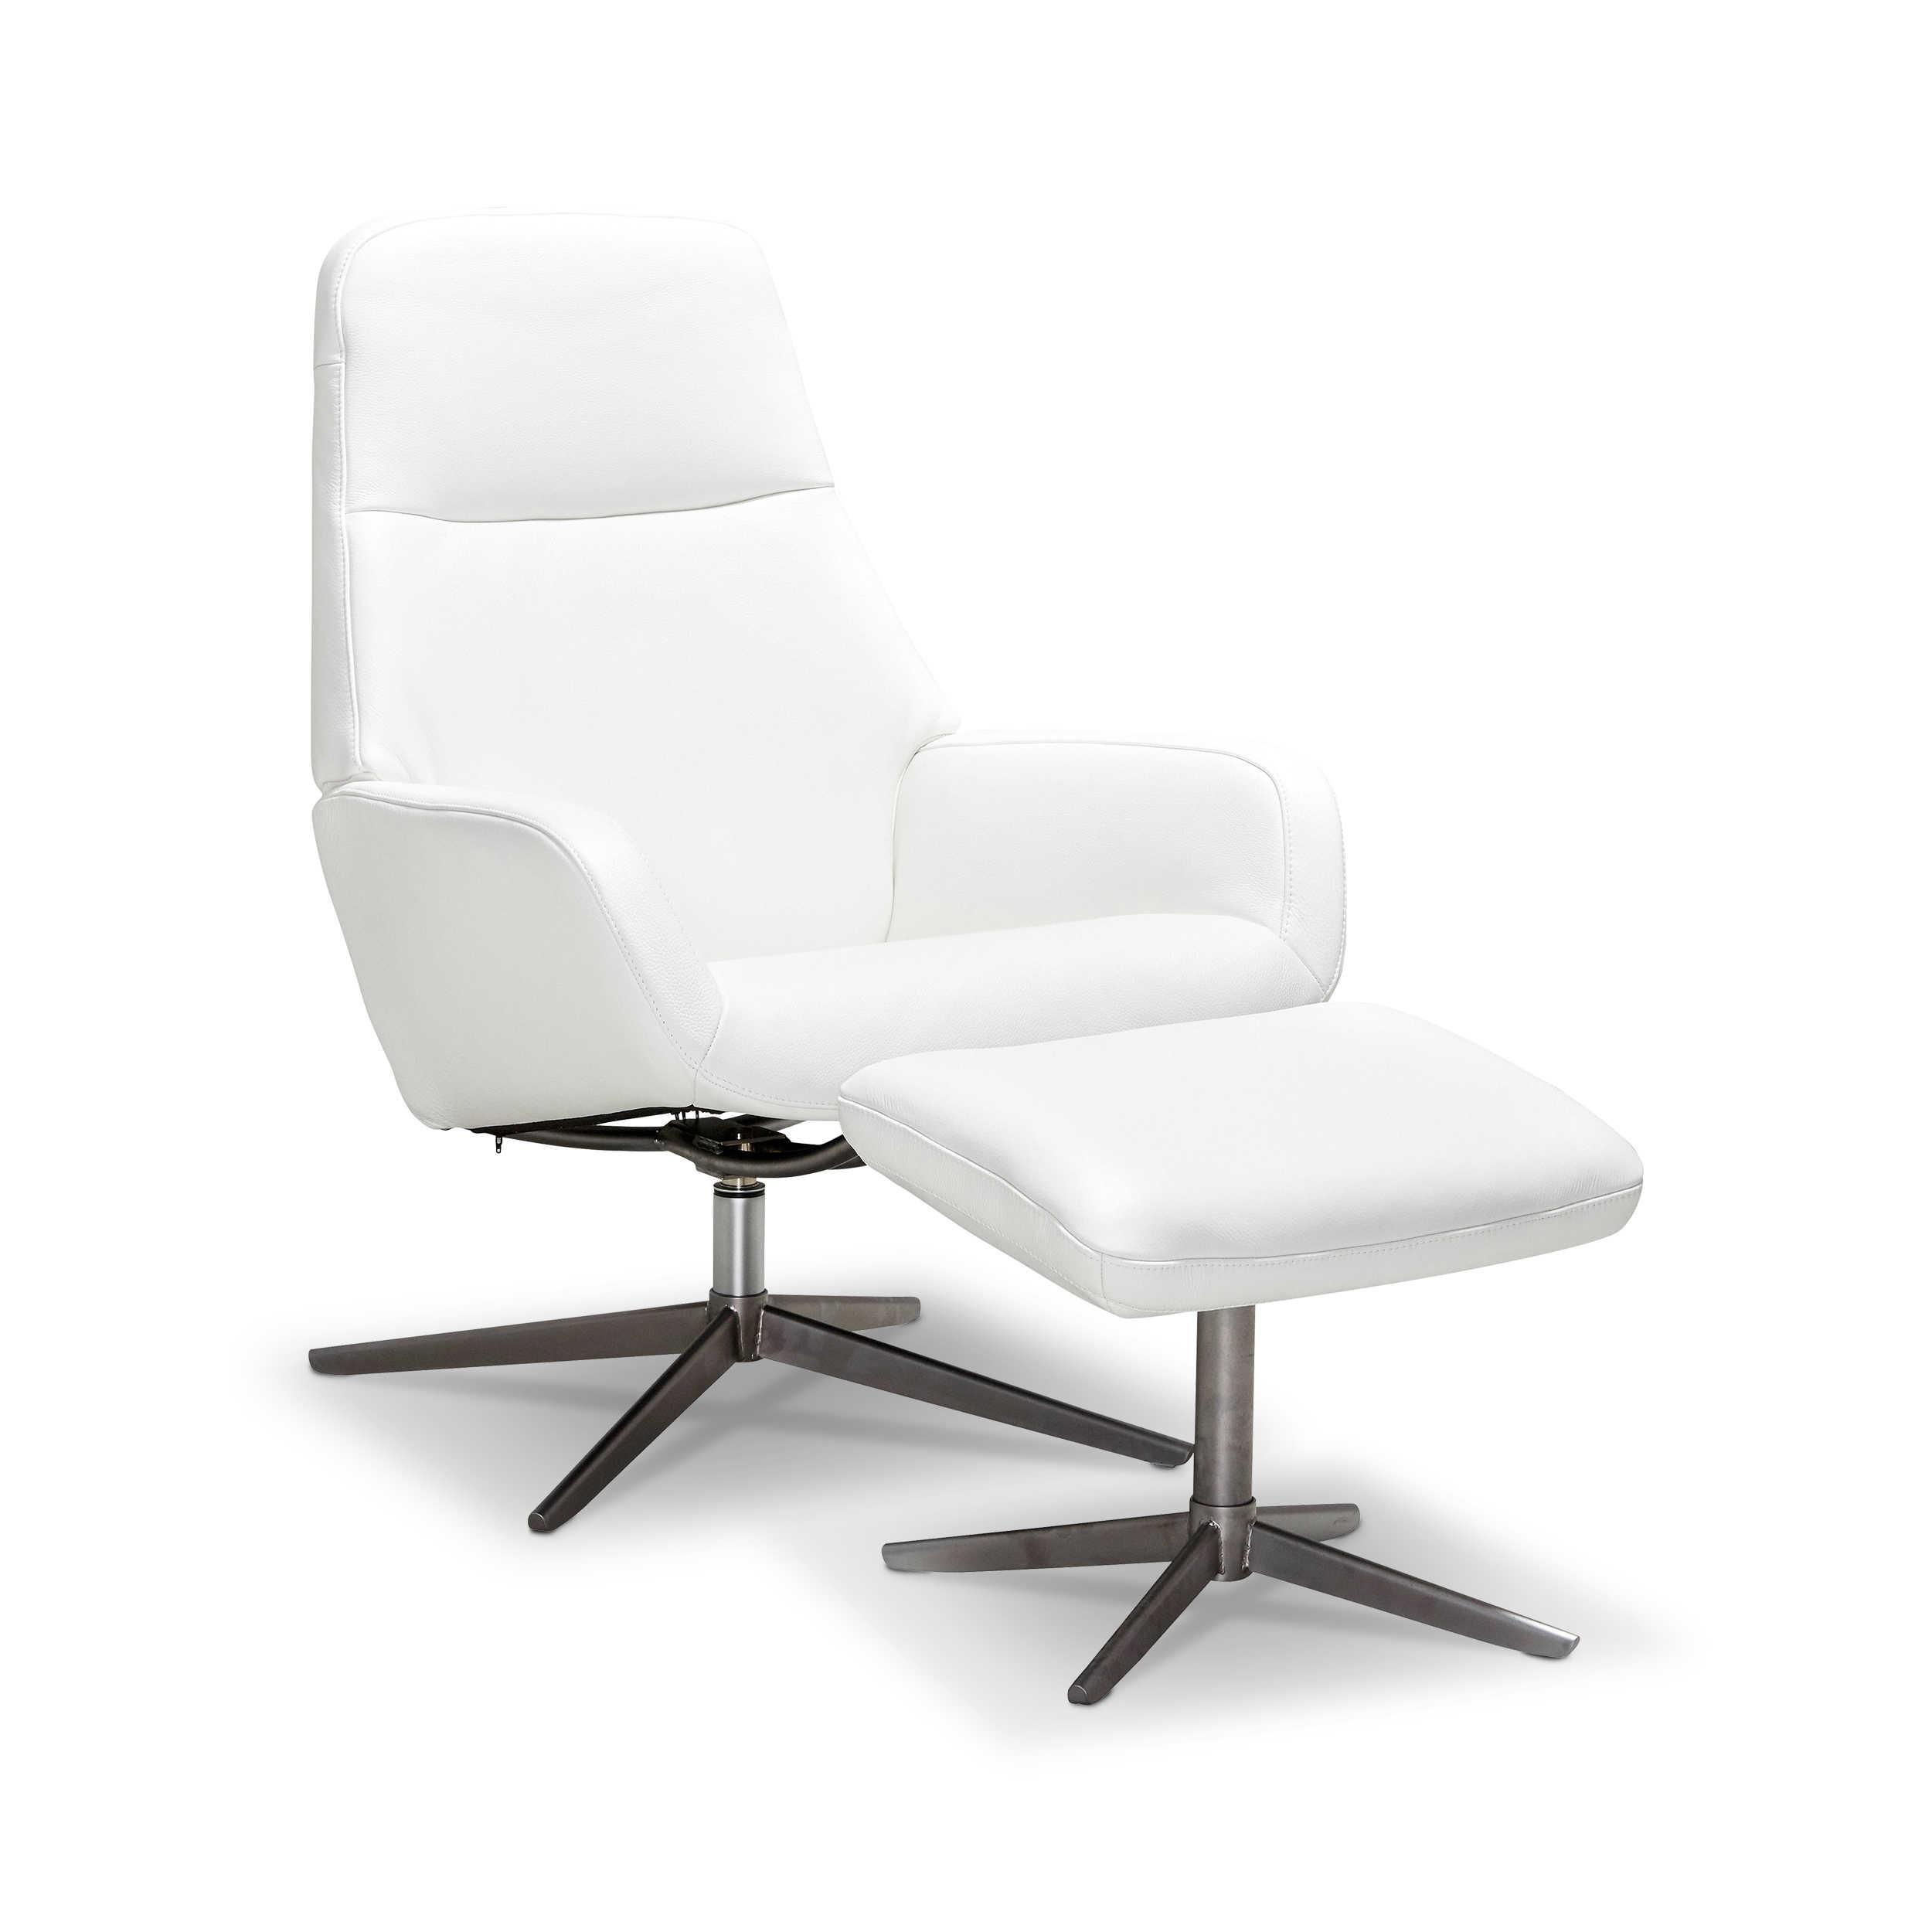 kebe sessel mit hocker camillo wei leder online kaufen bei woonio. Black Bedroom Furniture Sets. Home Design Ideas